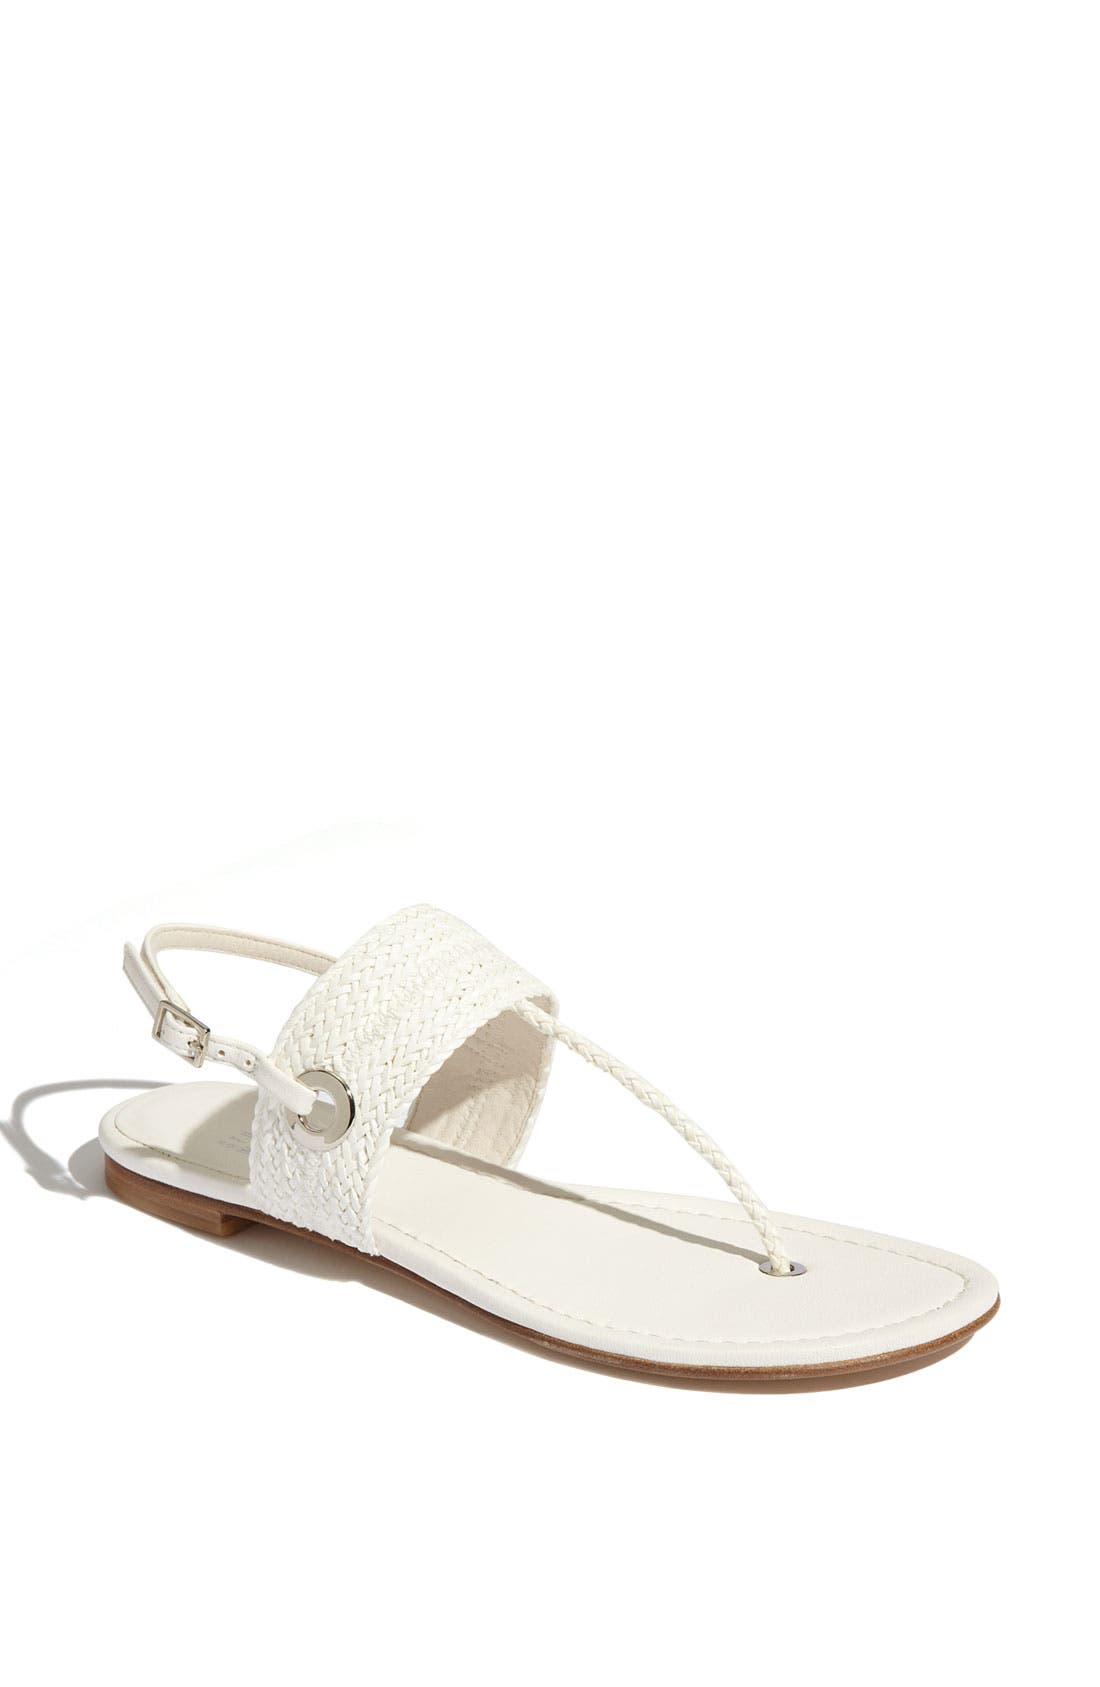 Main Image - Stuart Weitzman 'Bimini' Sandal